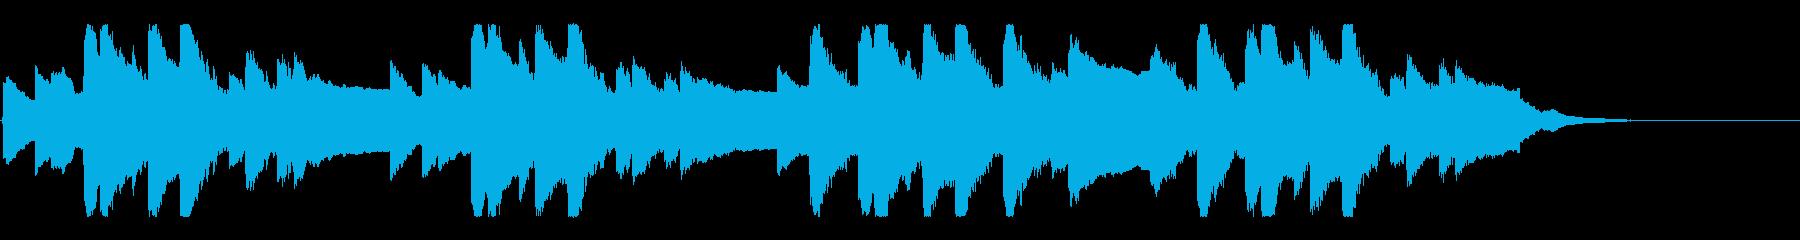 横断歩道 誘導音-5_故郷の空_revの再生済みの波形